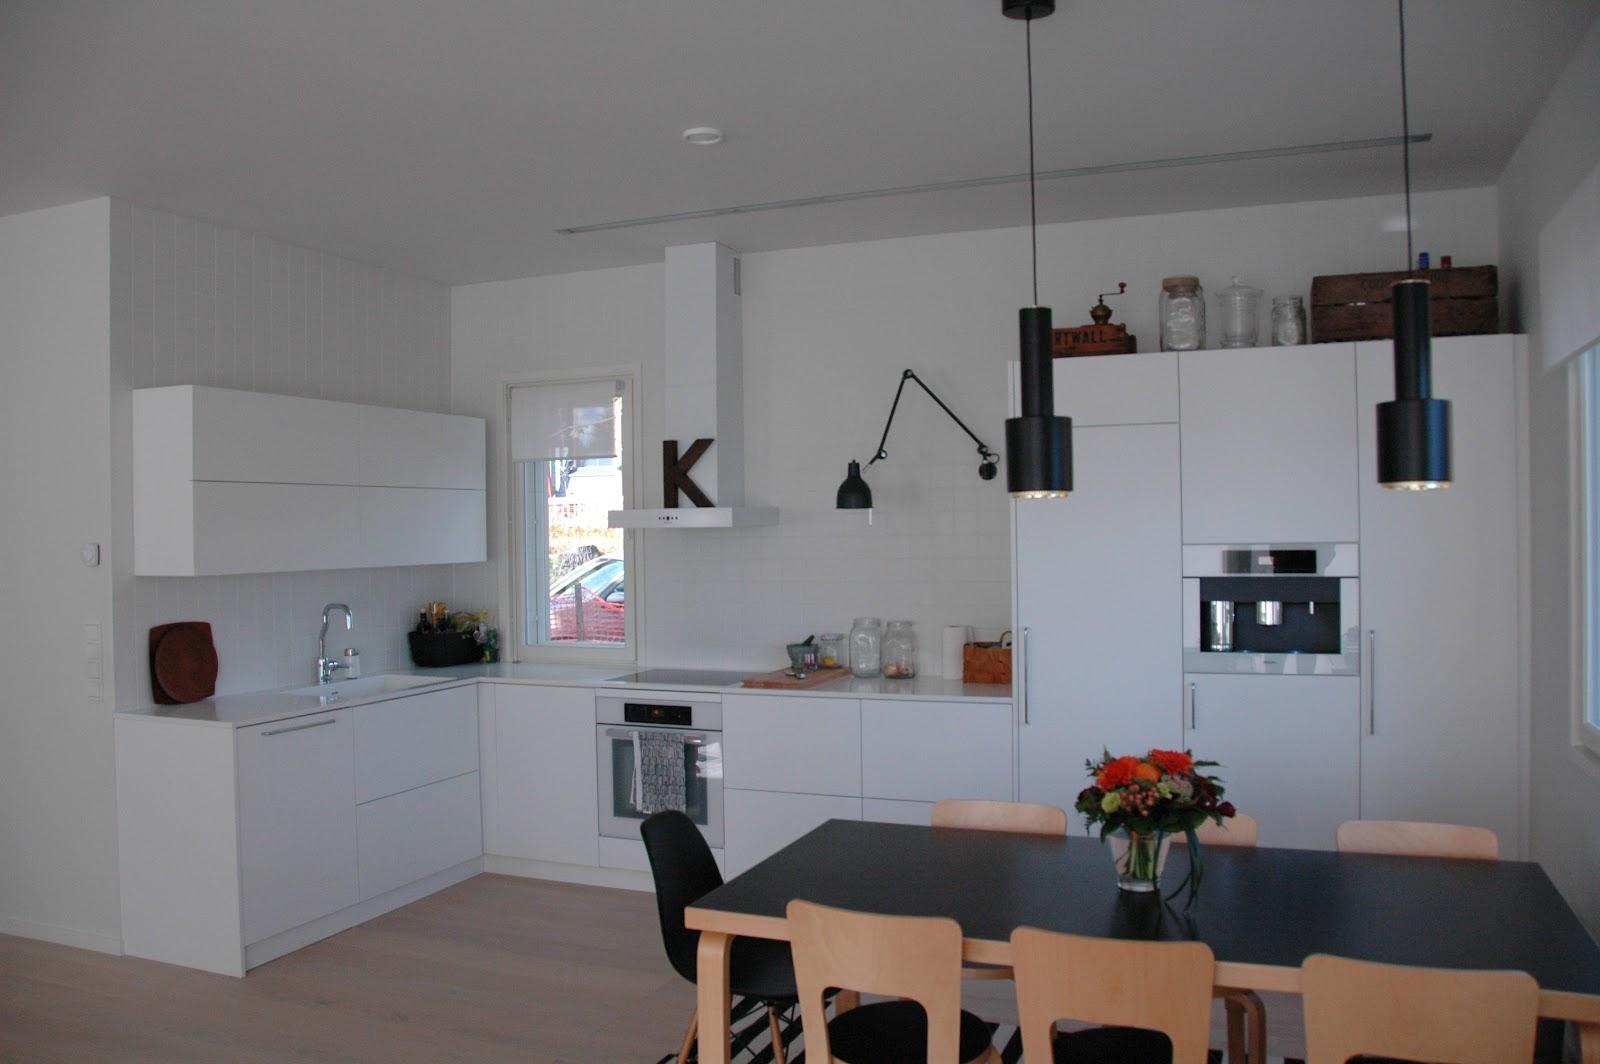 moderni puutalo Modernin puutalon keittiö